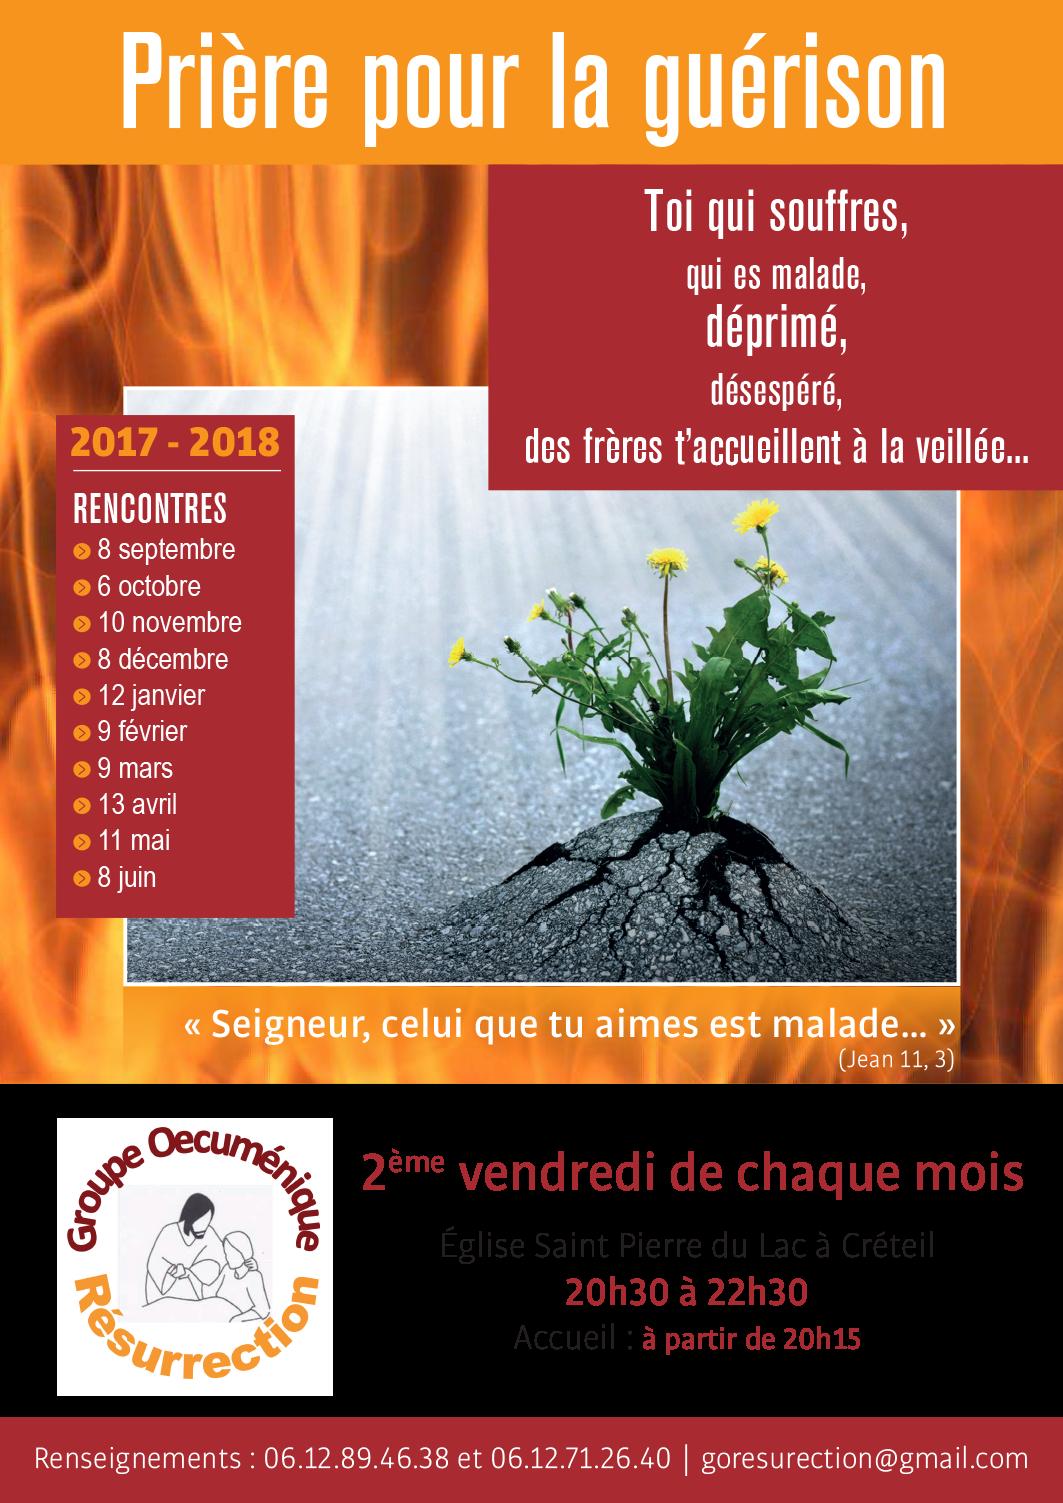 Prière pour la guérison le 2ème vendredi de chaque mois à Créteil (94)